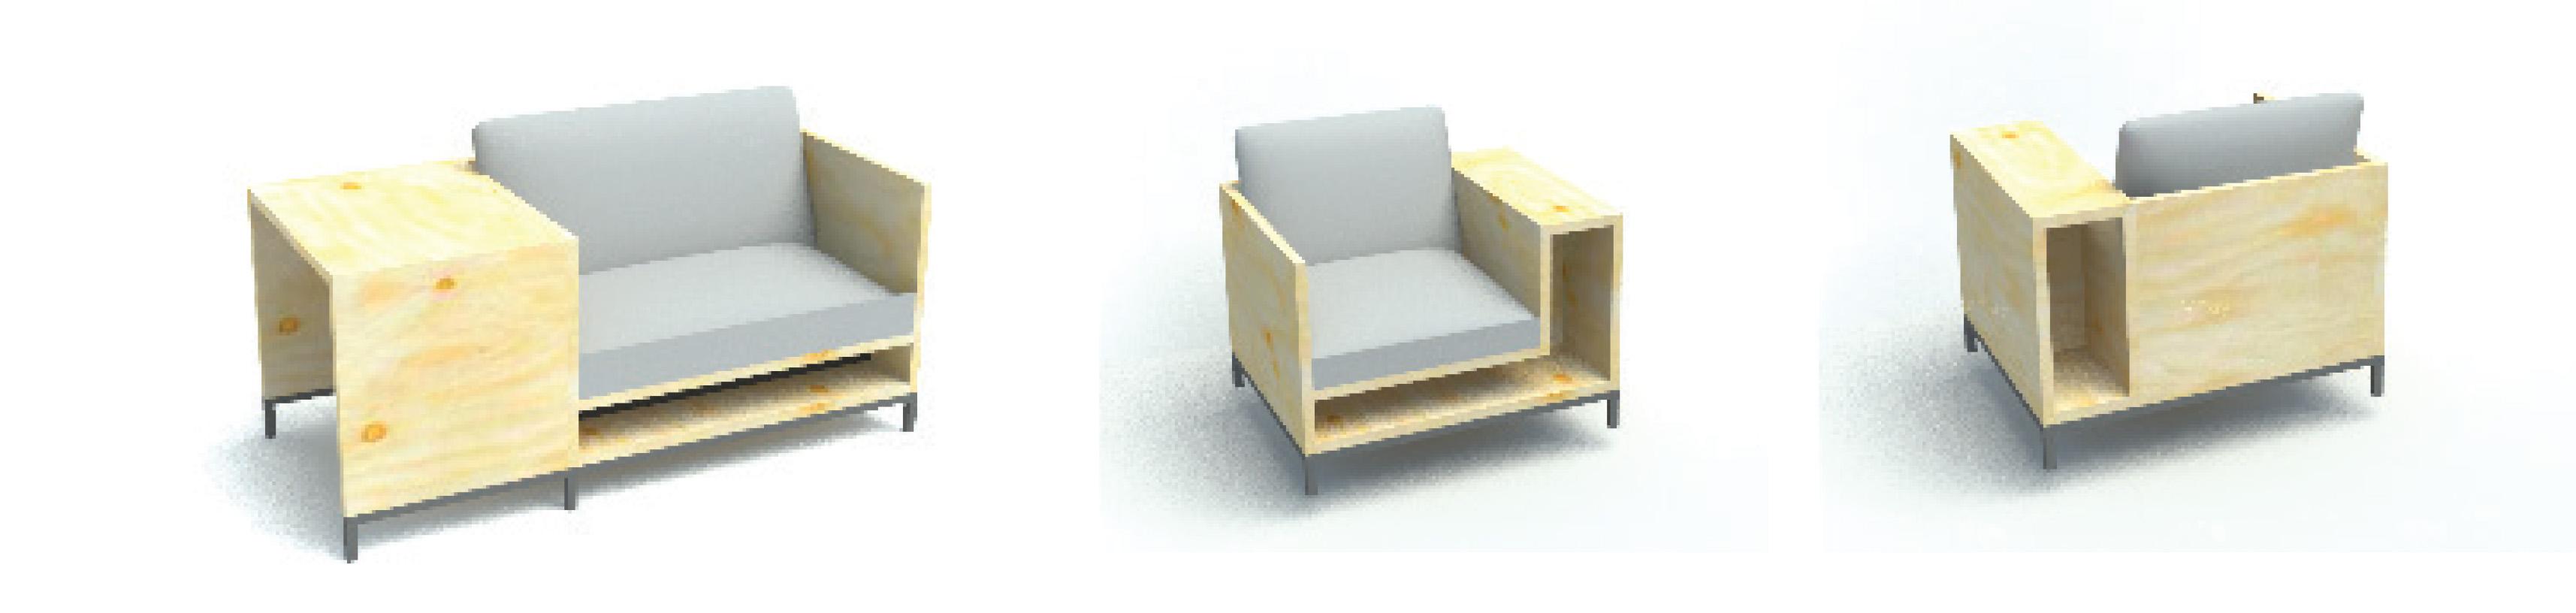 maatwerk zorgmeubel zitbankje